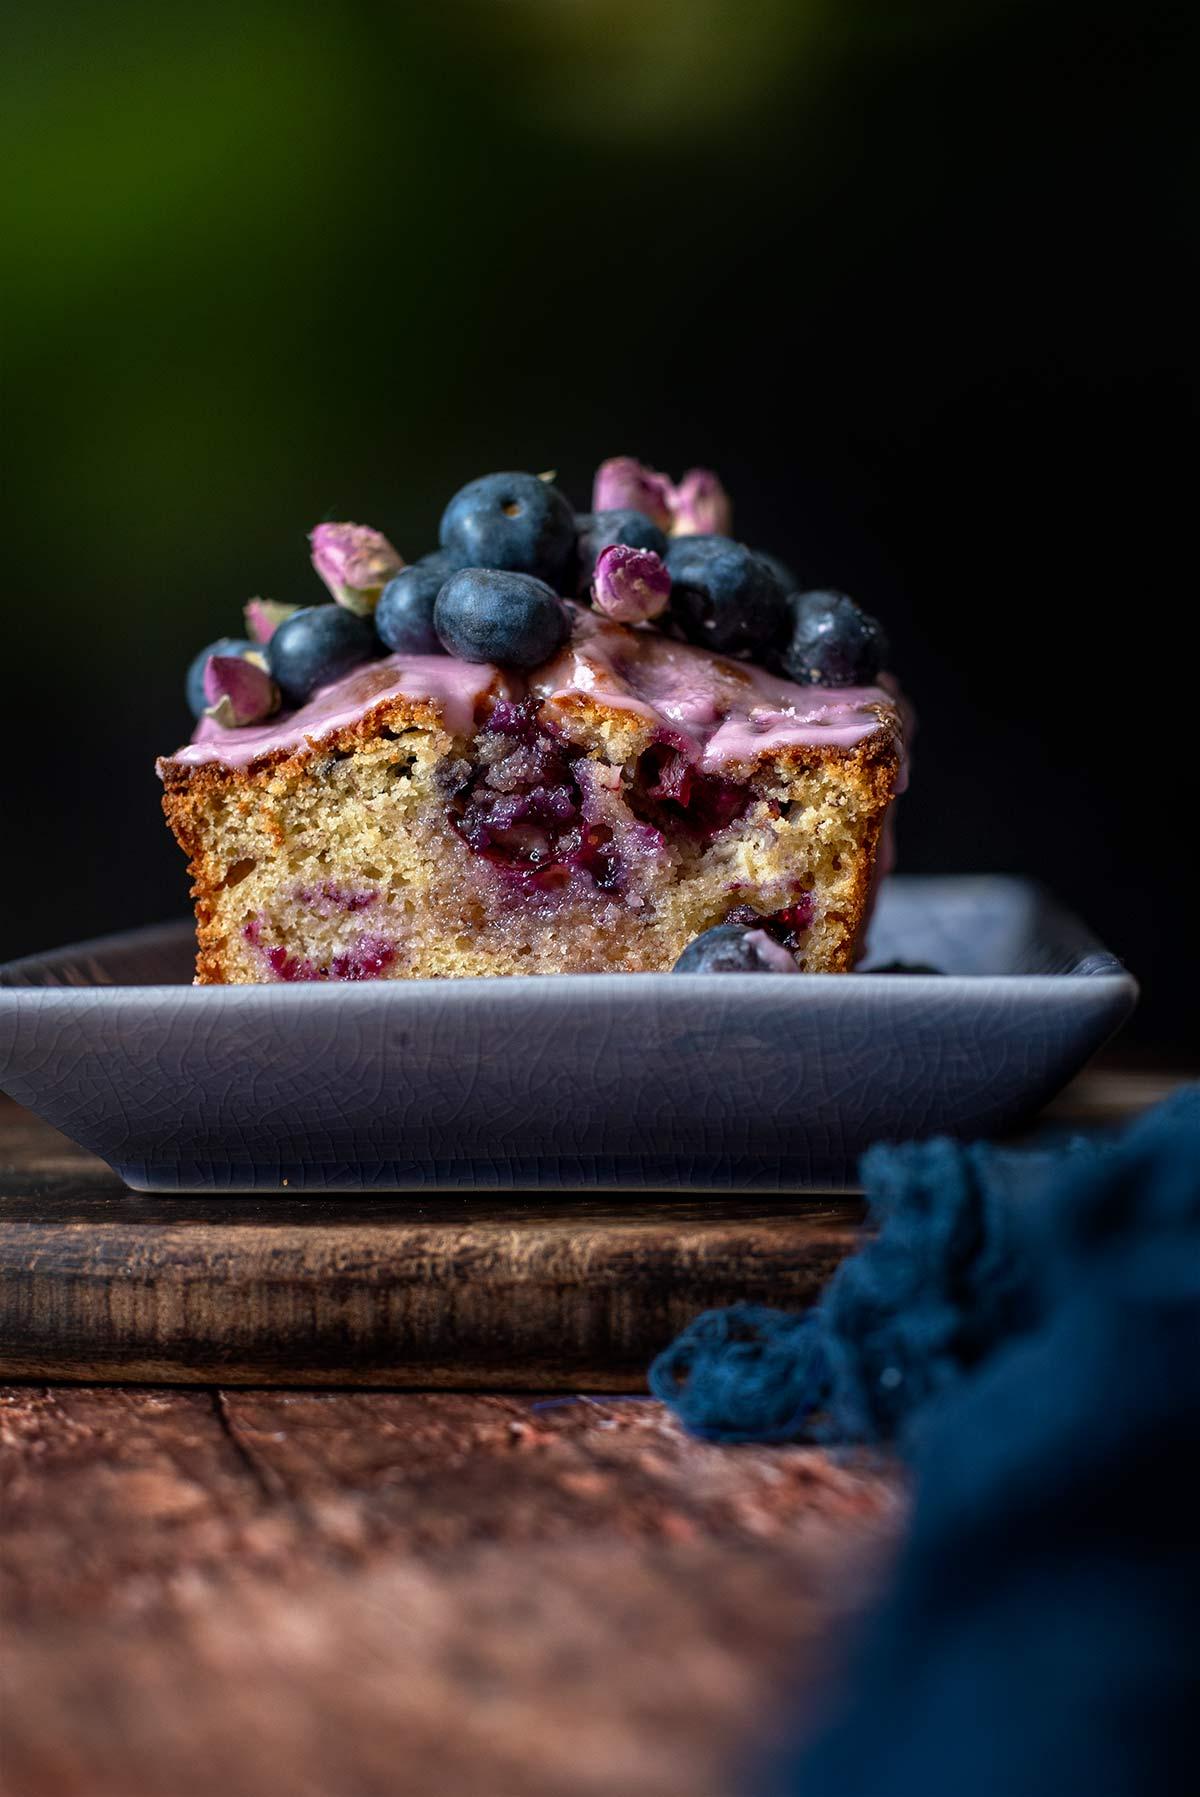 κέικ με μπανάνα και μύρτιλα, blueberries